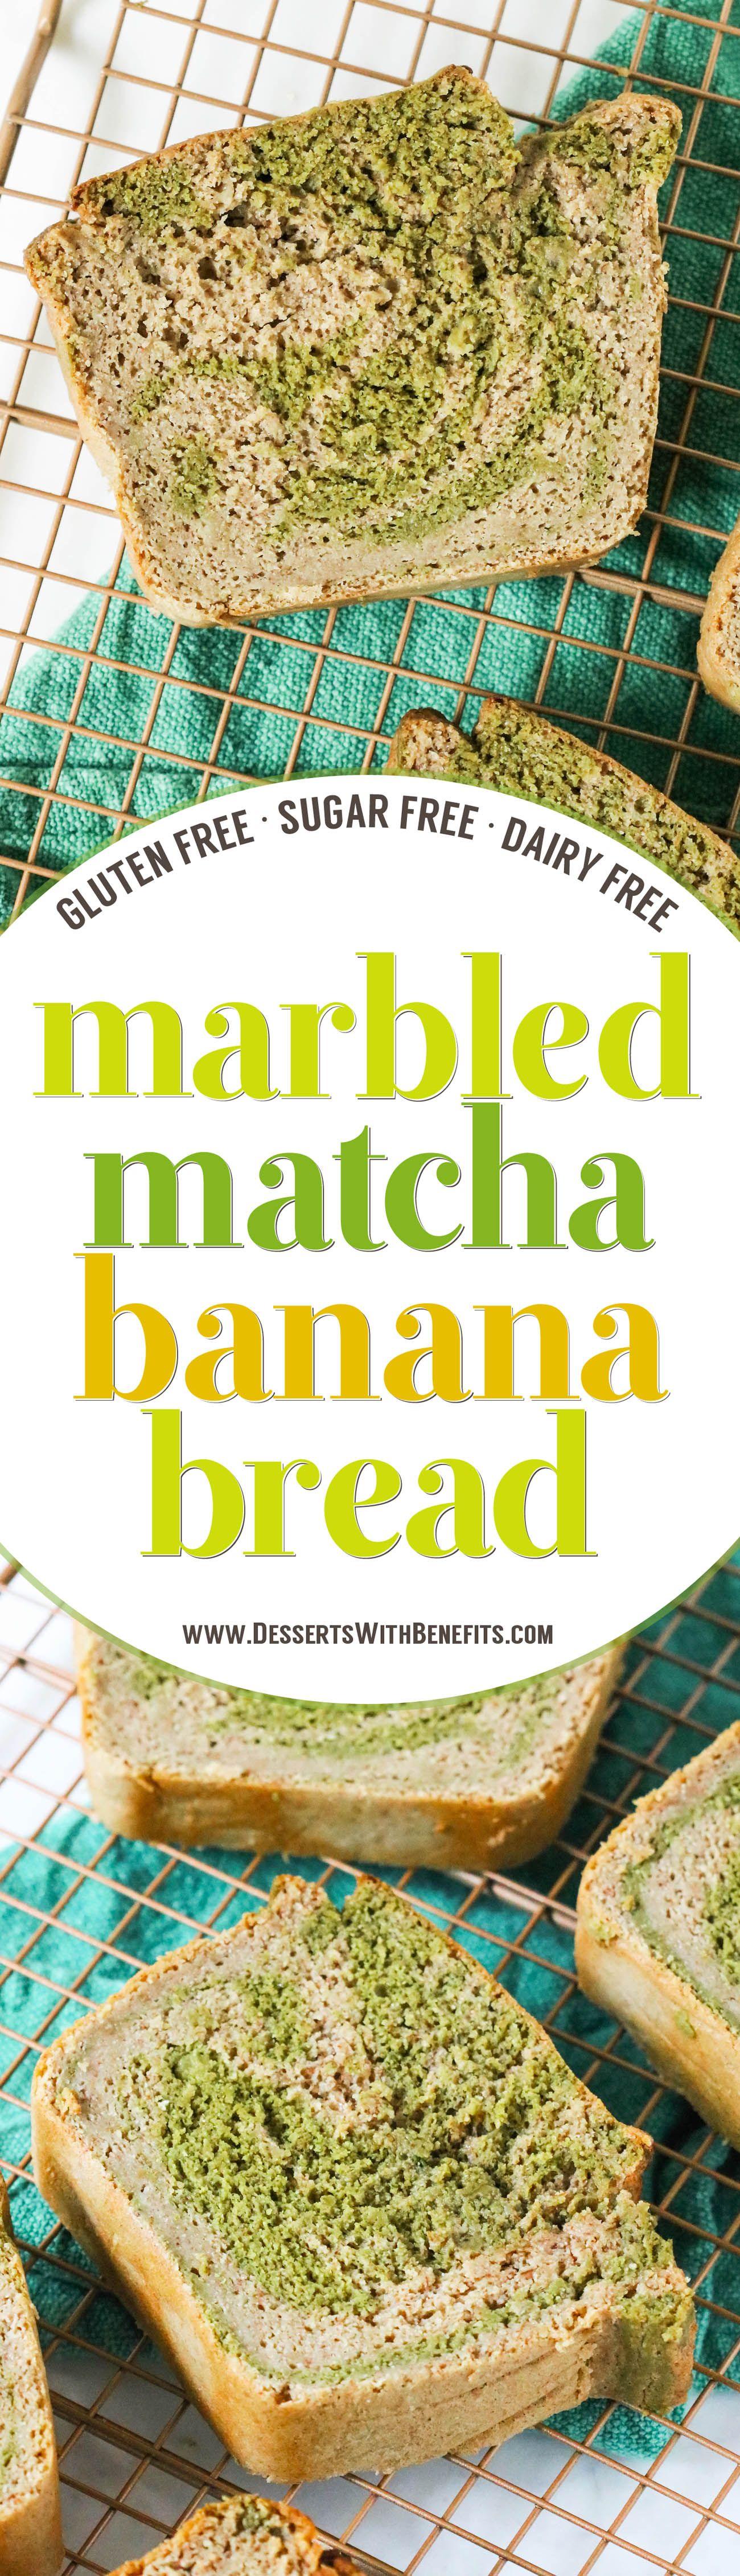 Healthy Marbled Matcha Green Tea Banana Bread gluten